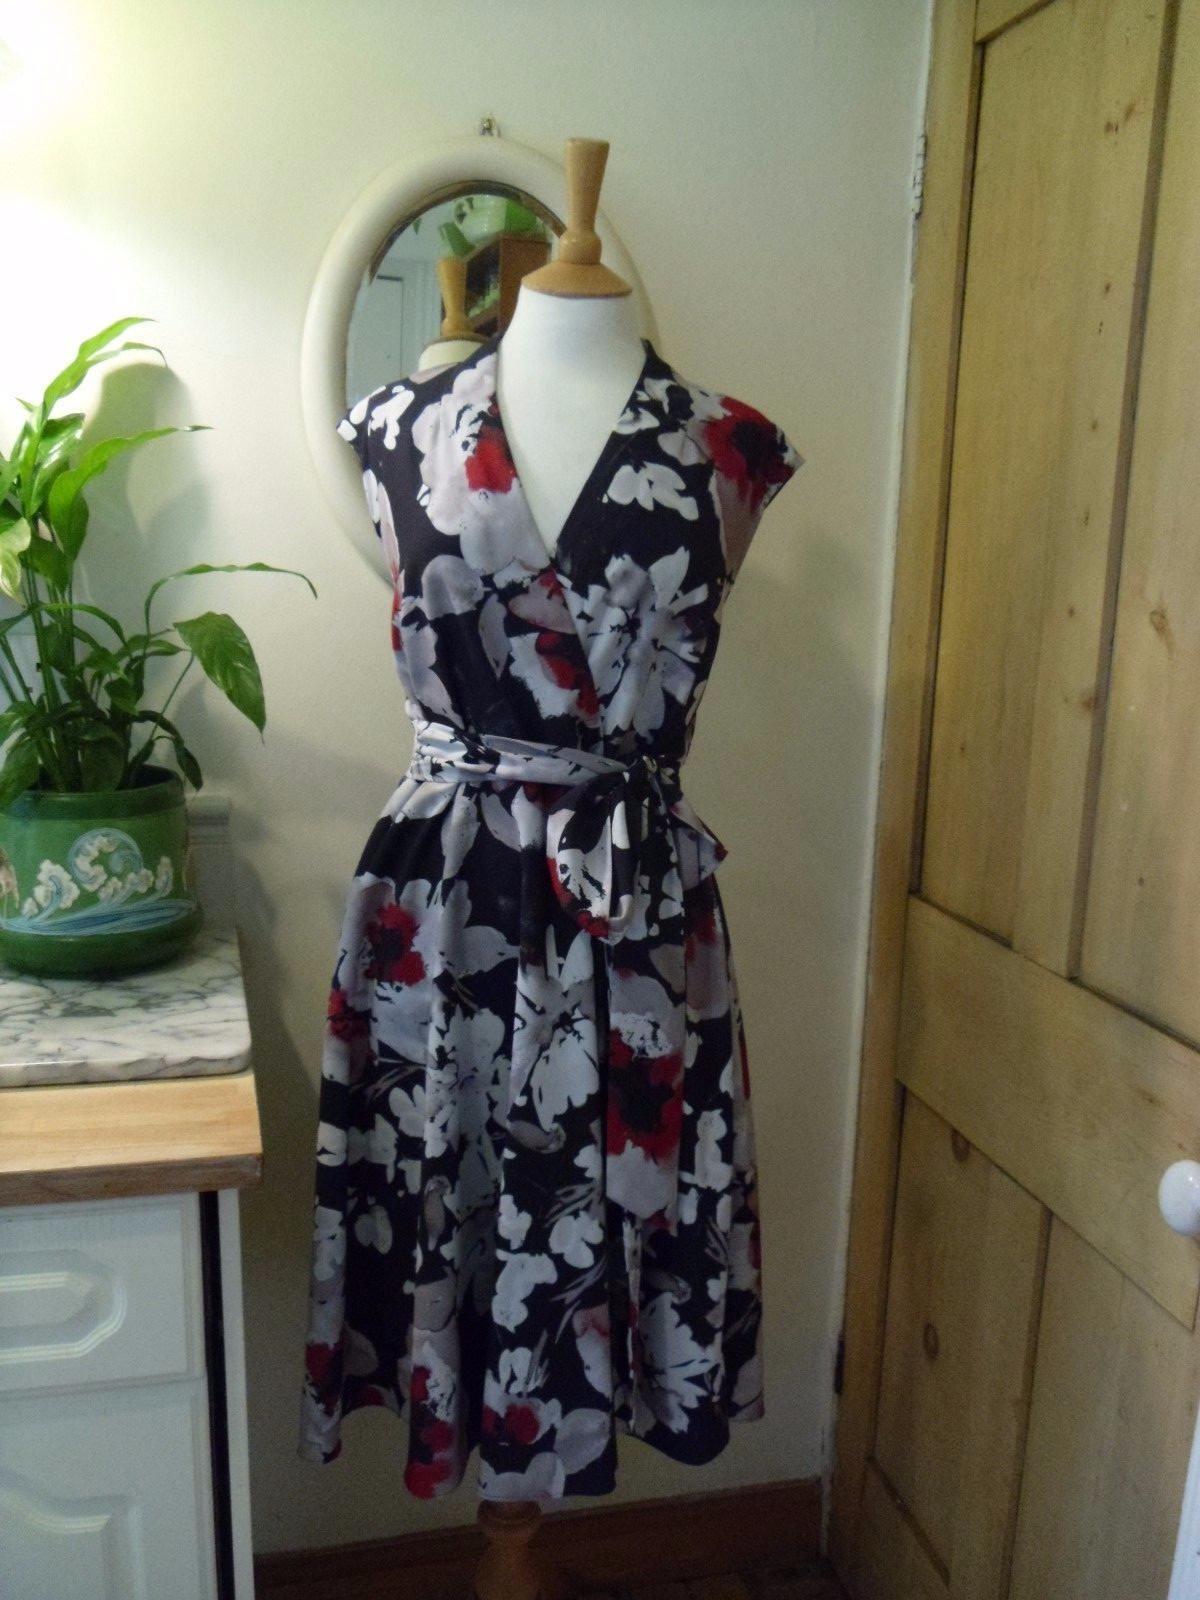 HOBBS Delphine Vestido Acuarela nuevo 14 JOHN LEWIS  Etiqueta Floral Print  Con 100% de calidad y servicio de% 100.